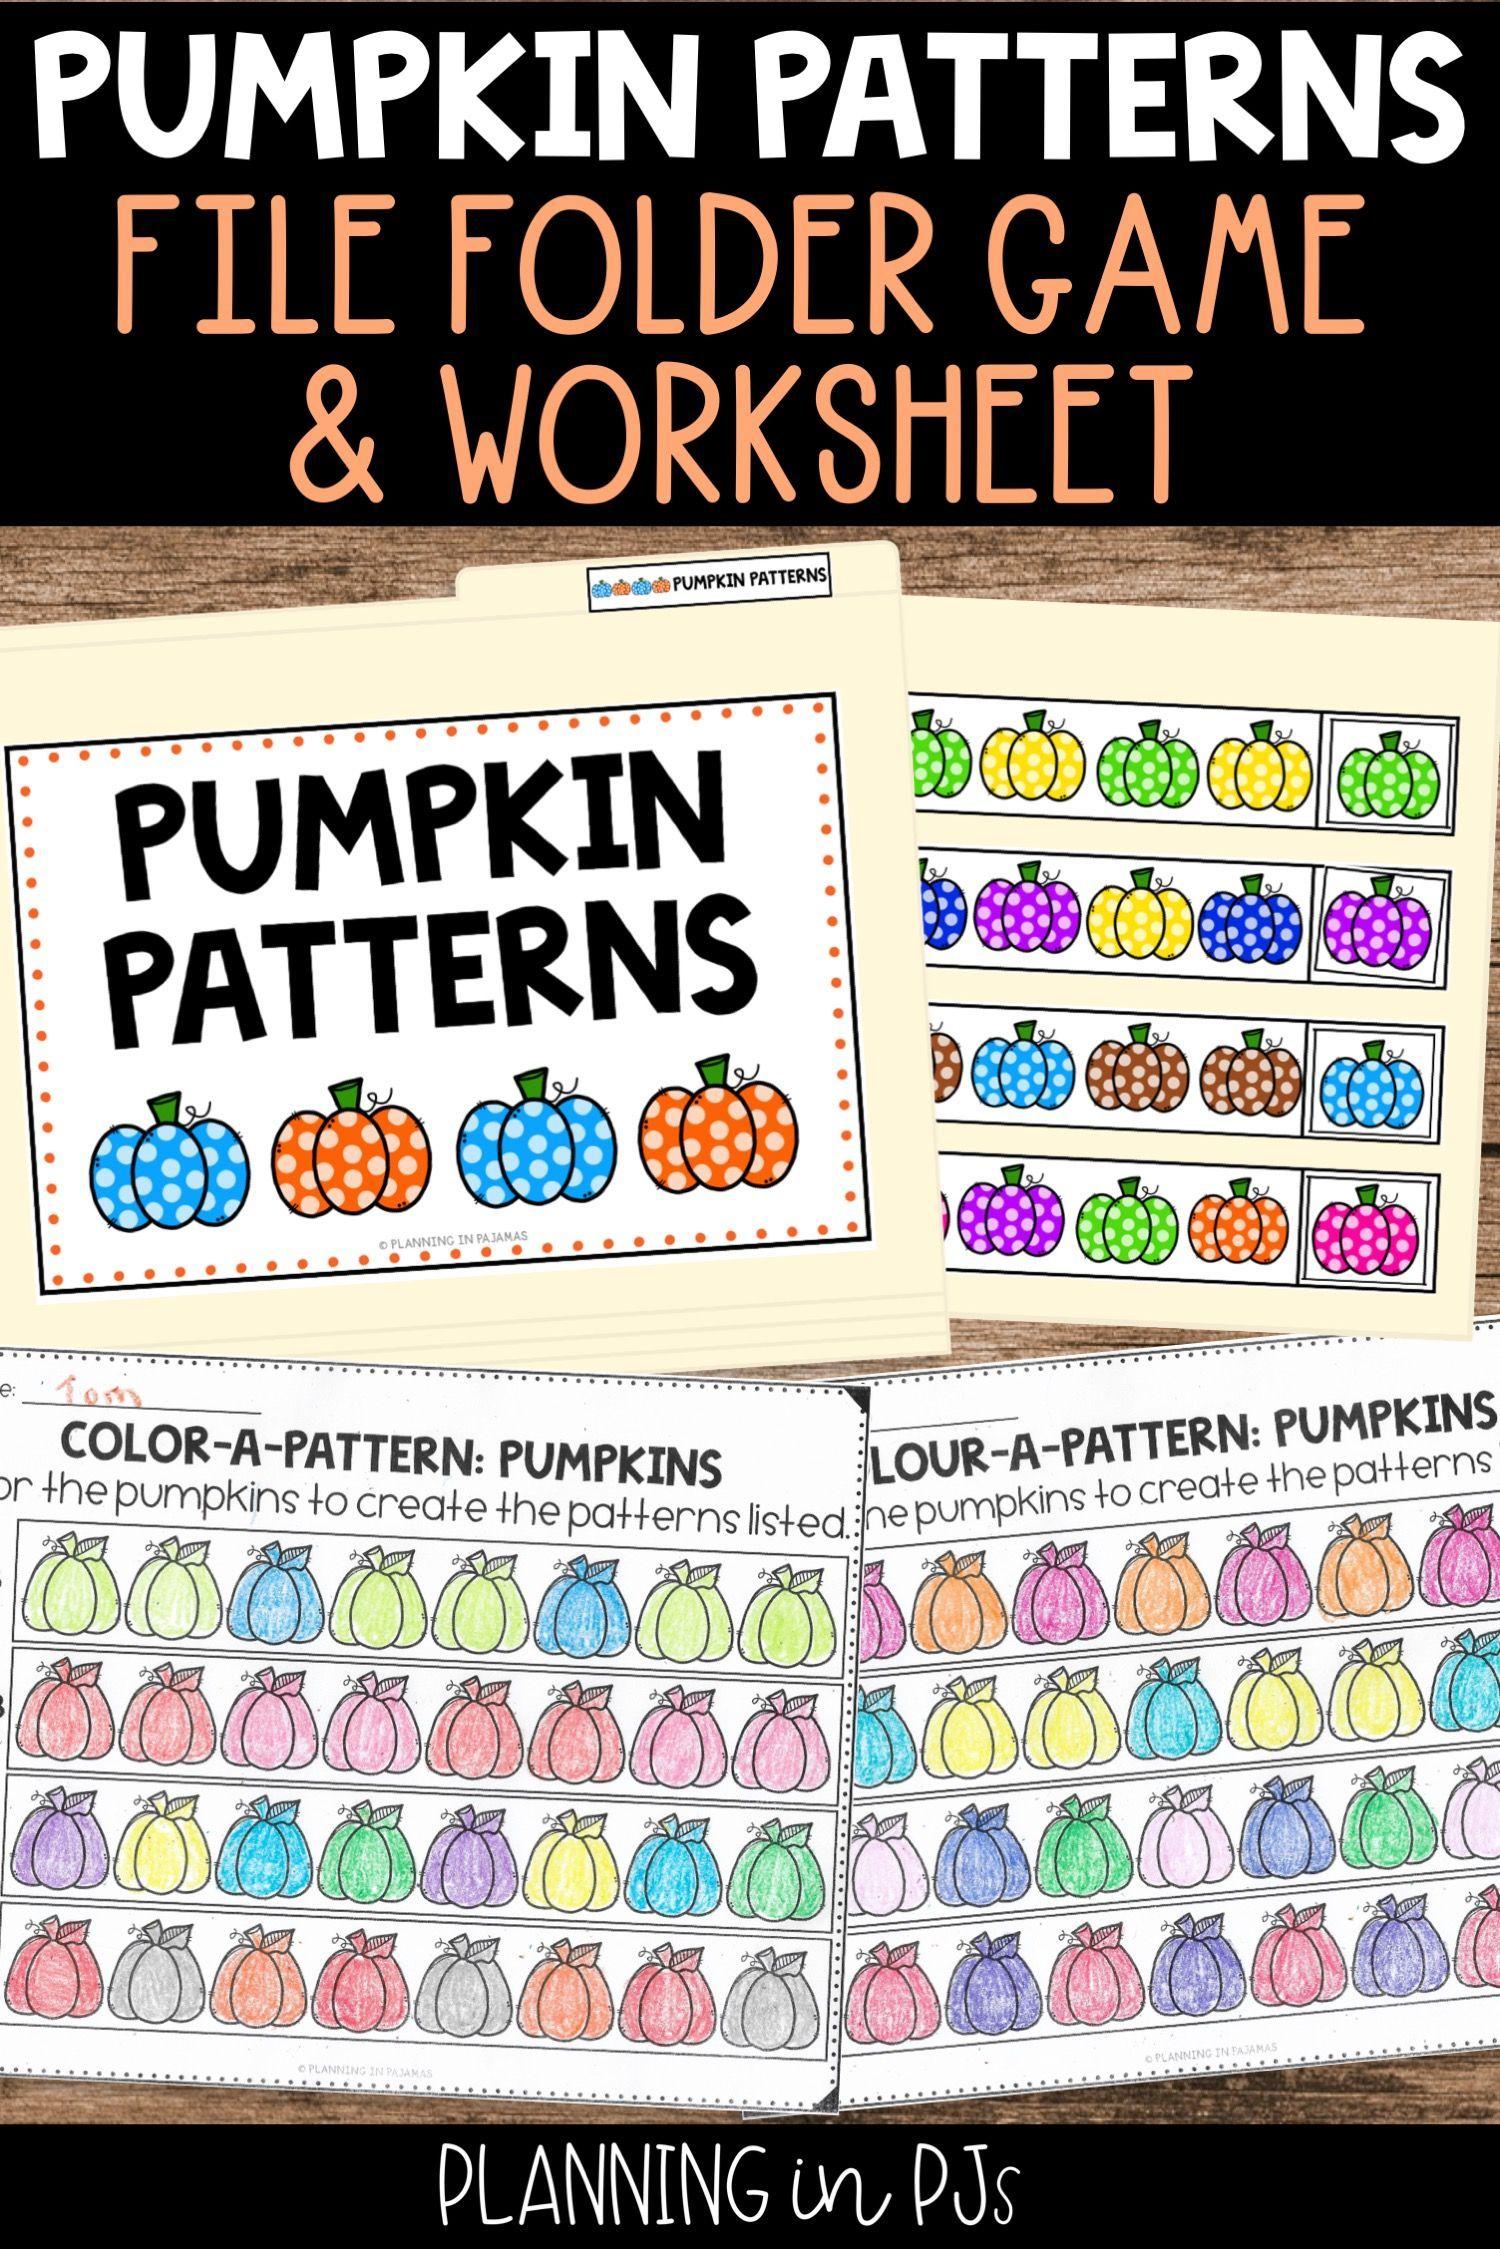 Pumpkin Patterns Worksheets File Folder Game